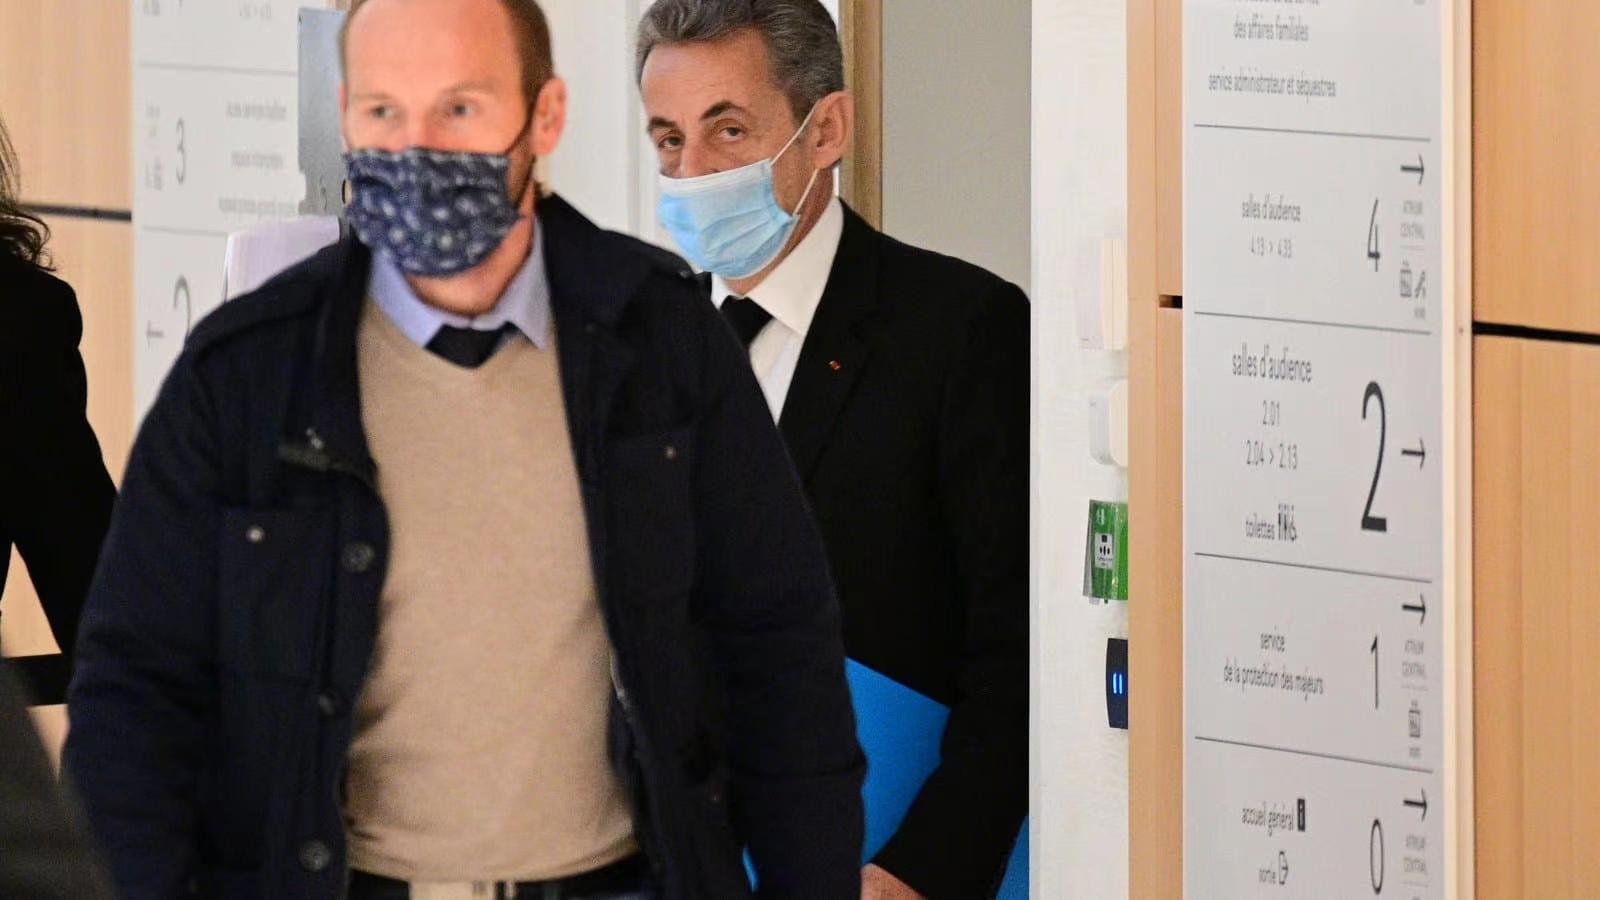 法国前总统萨科齐受审近4小时 坚称没有任何腐败行为